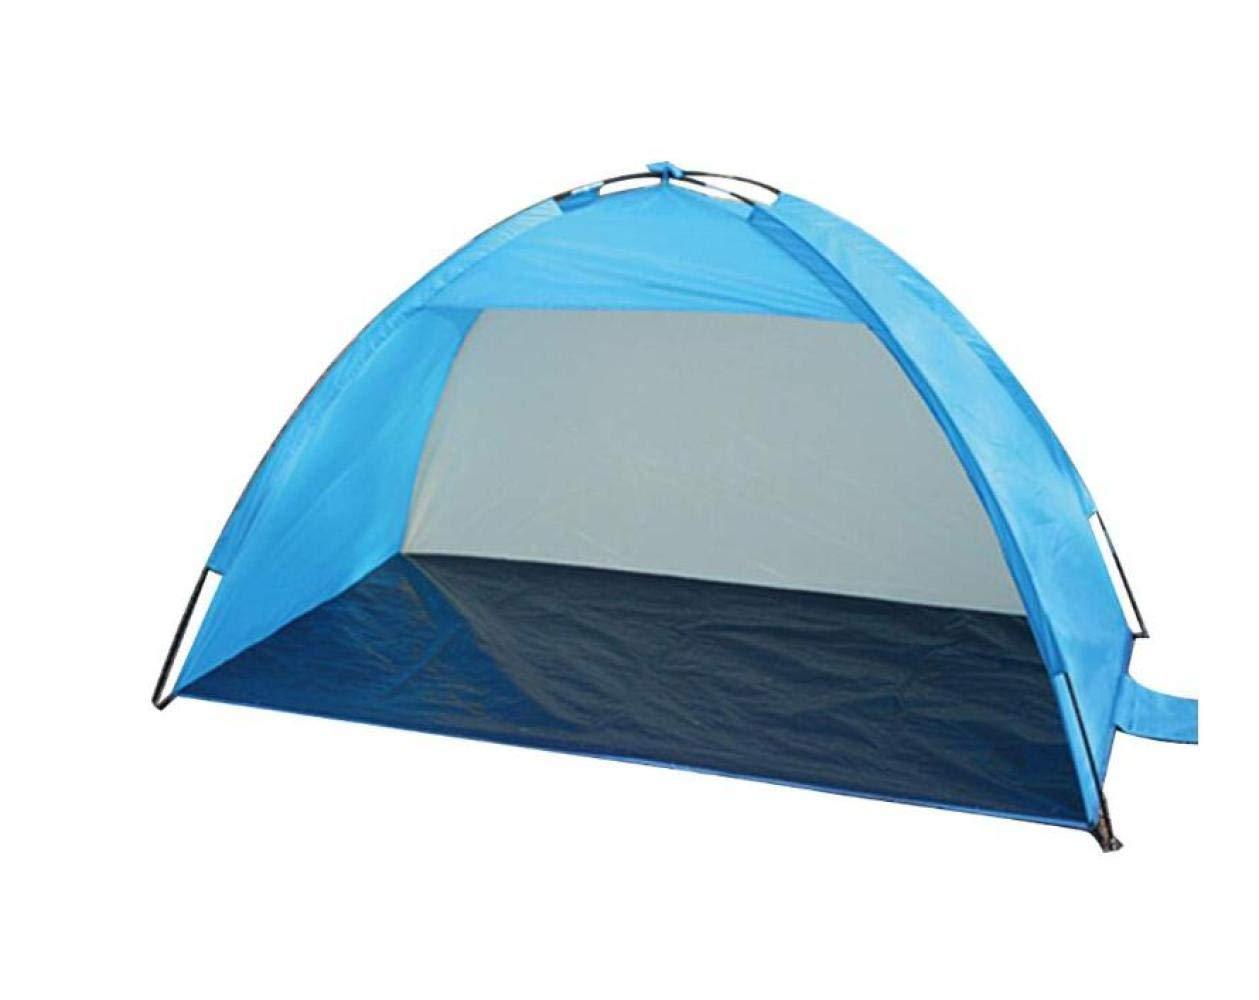 opciones a bajo precio Azul UNA QHY Tienda de Campaña, Tienda de Jugara Jugara Jugara de Pesca Automática para Acampar Al Aire Libre, 3-4 Personas Construidas Tienda de Parasol para Jugara de Velocidad de Jugara para Camping  nuevo estilo